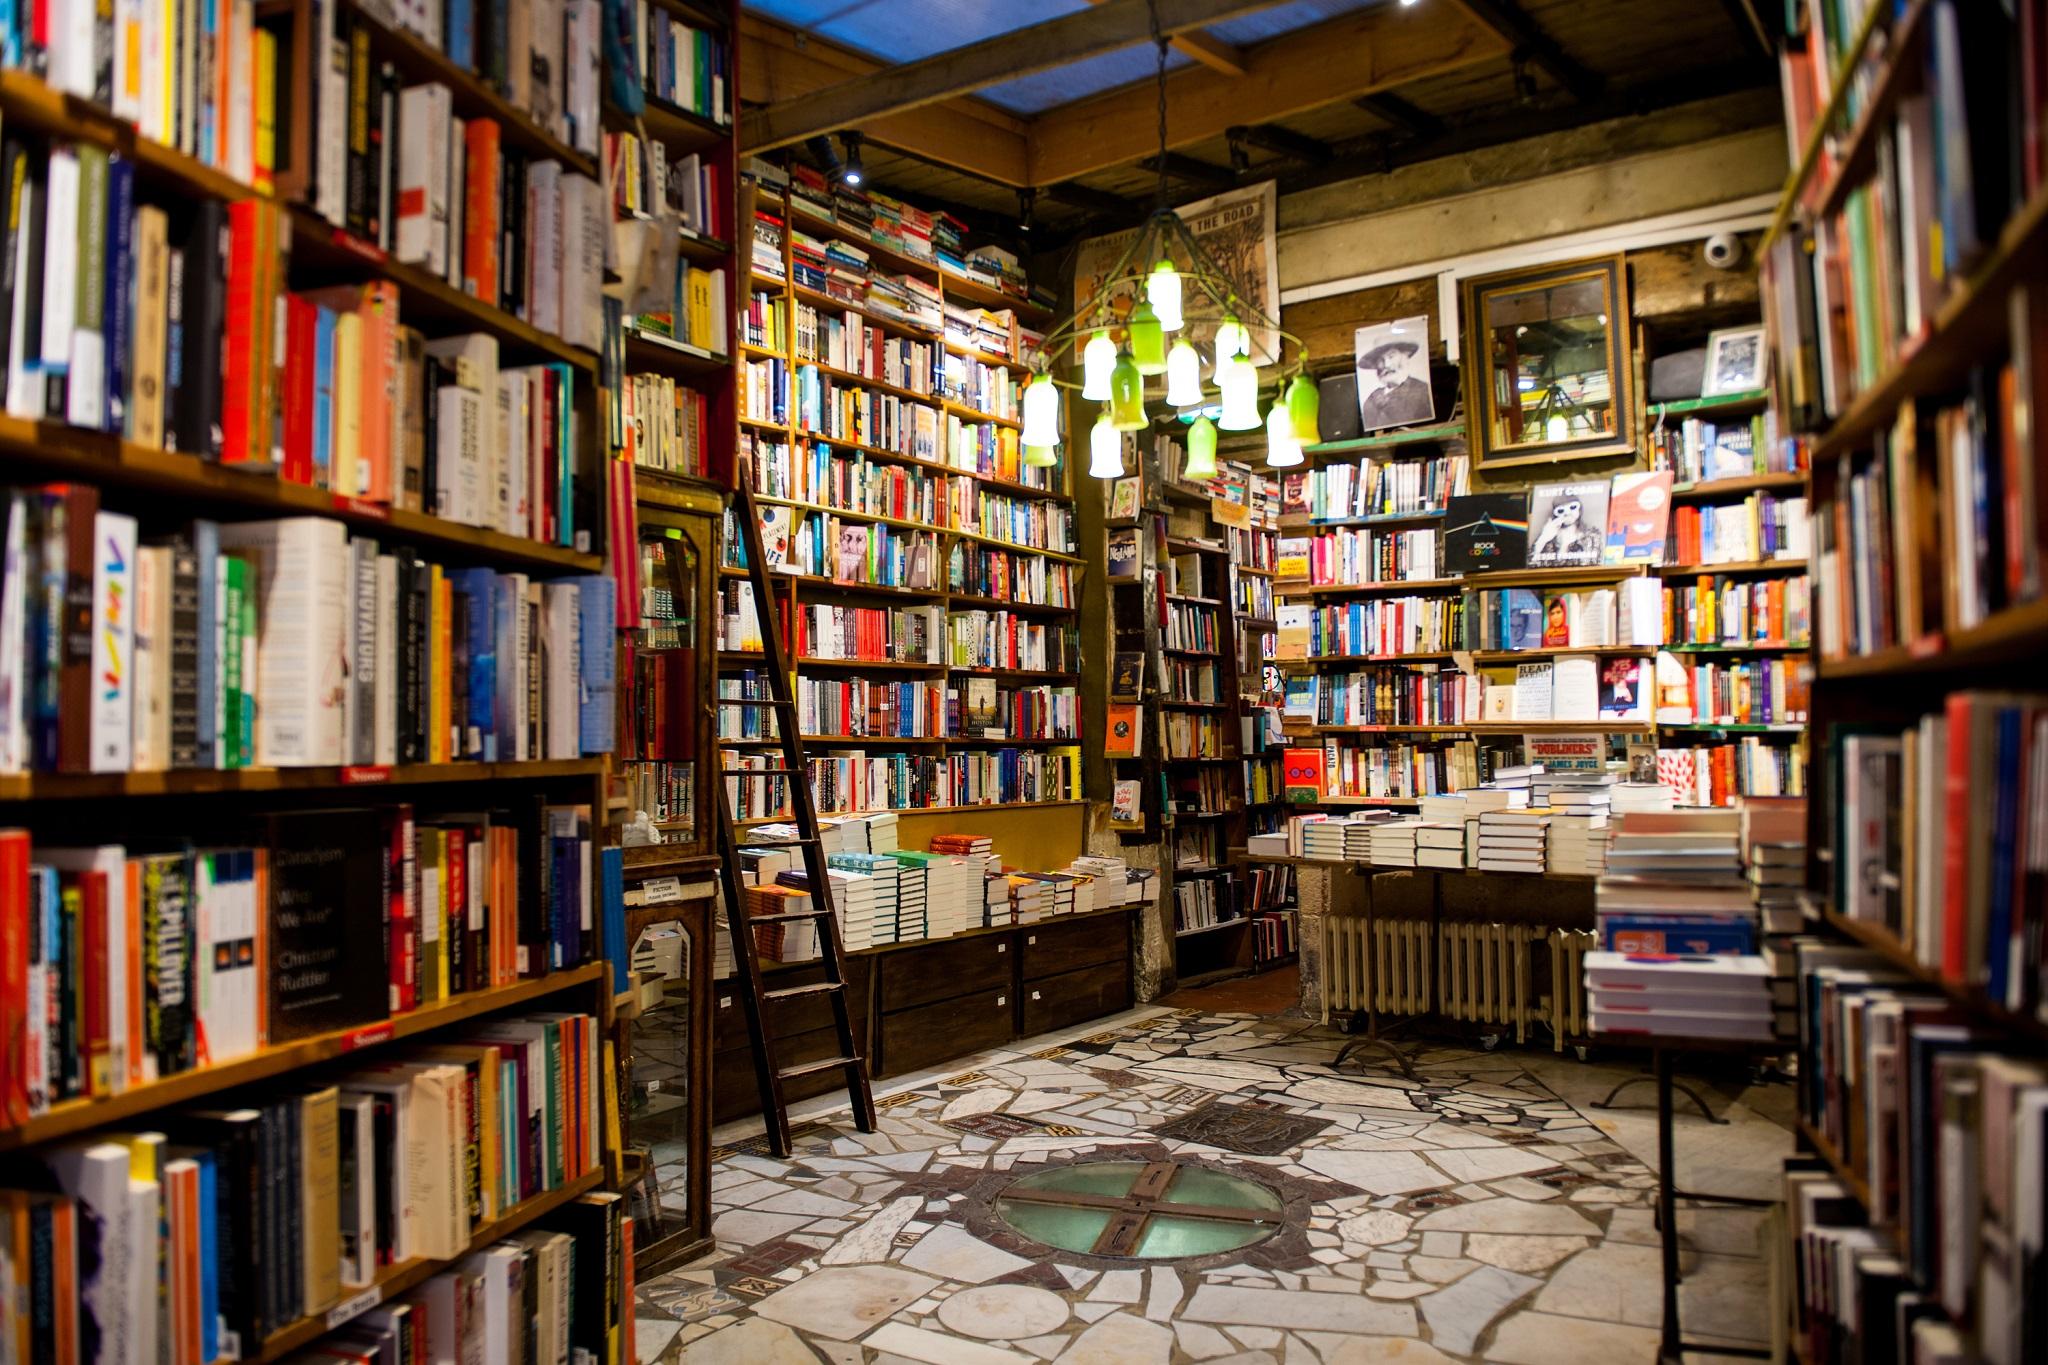 The Book Bar Cafe Berkeley